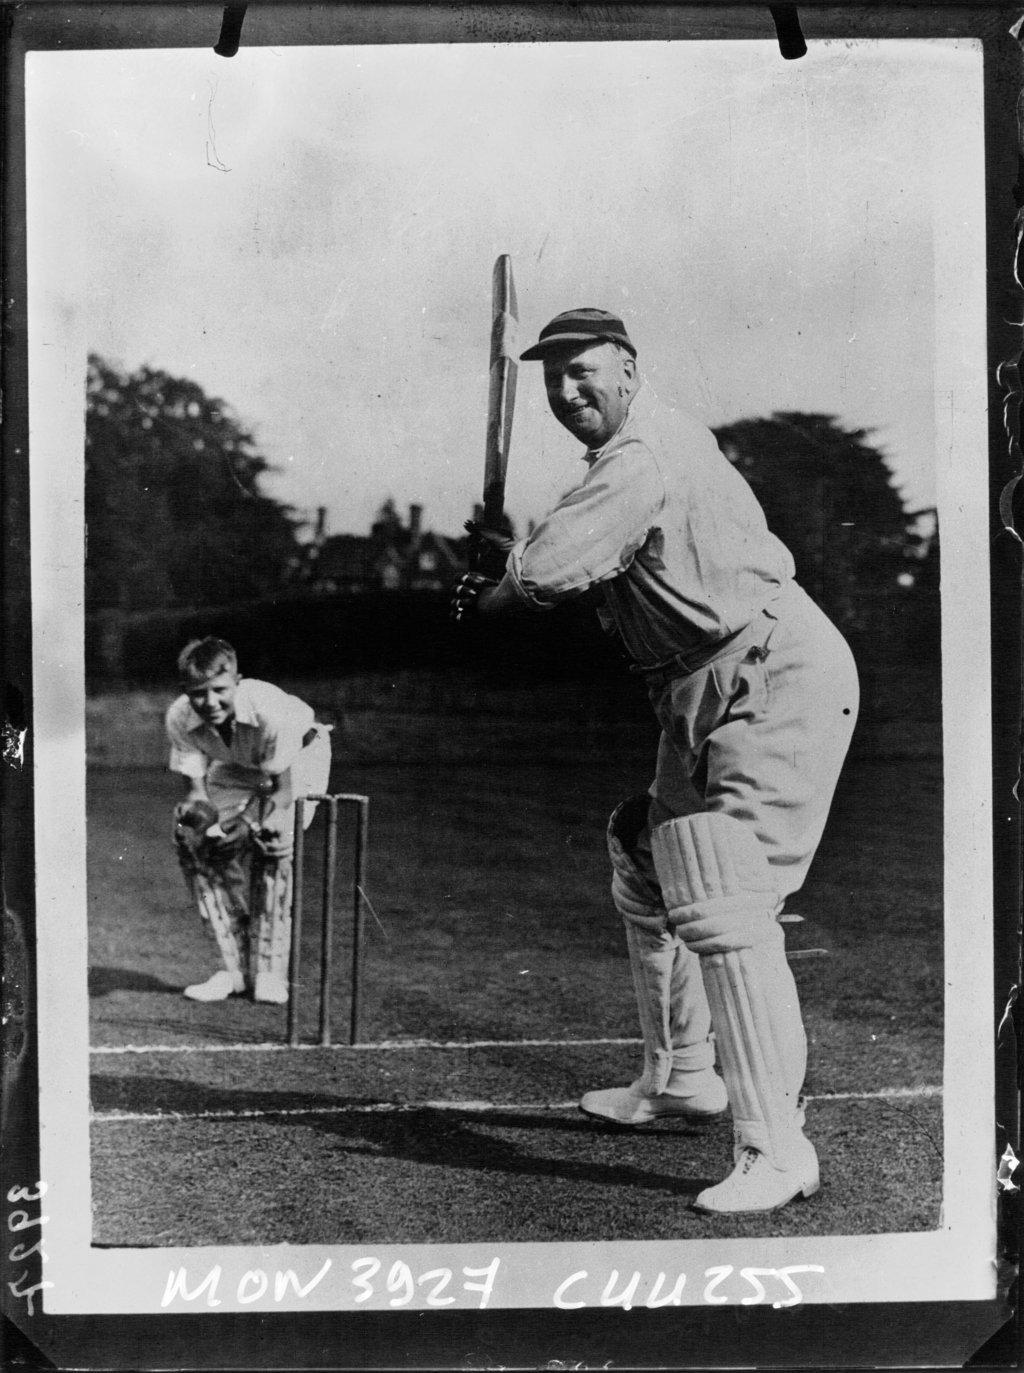 L'évêque de Fulham jouant au cricket, Planet News (Agence de presse). Agence photographique, Bibliothèque Nationale de France, Public Domain Mark